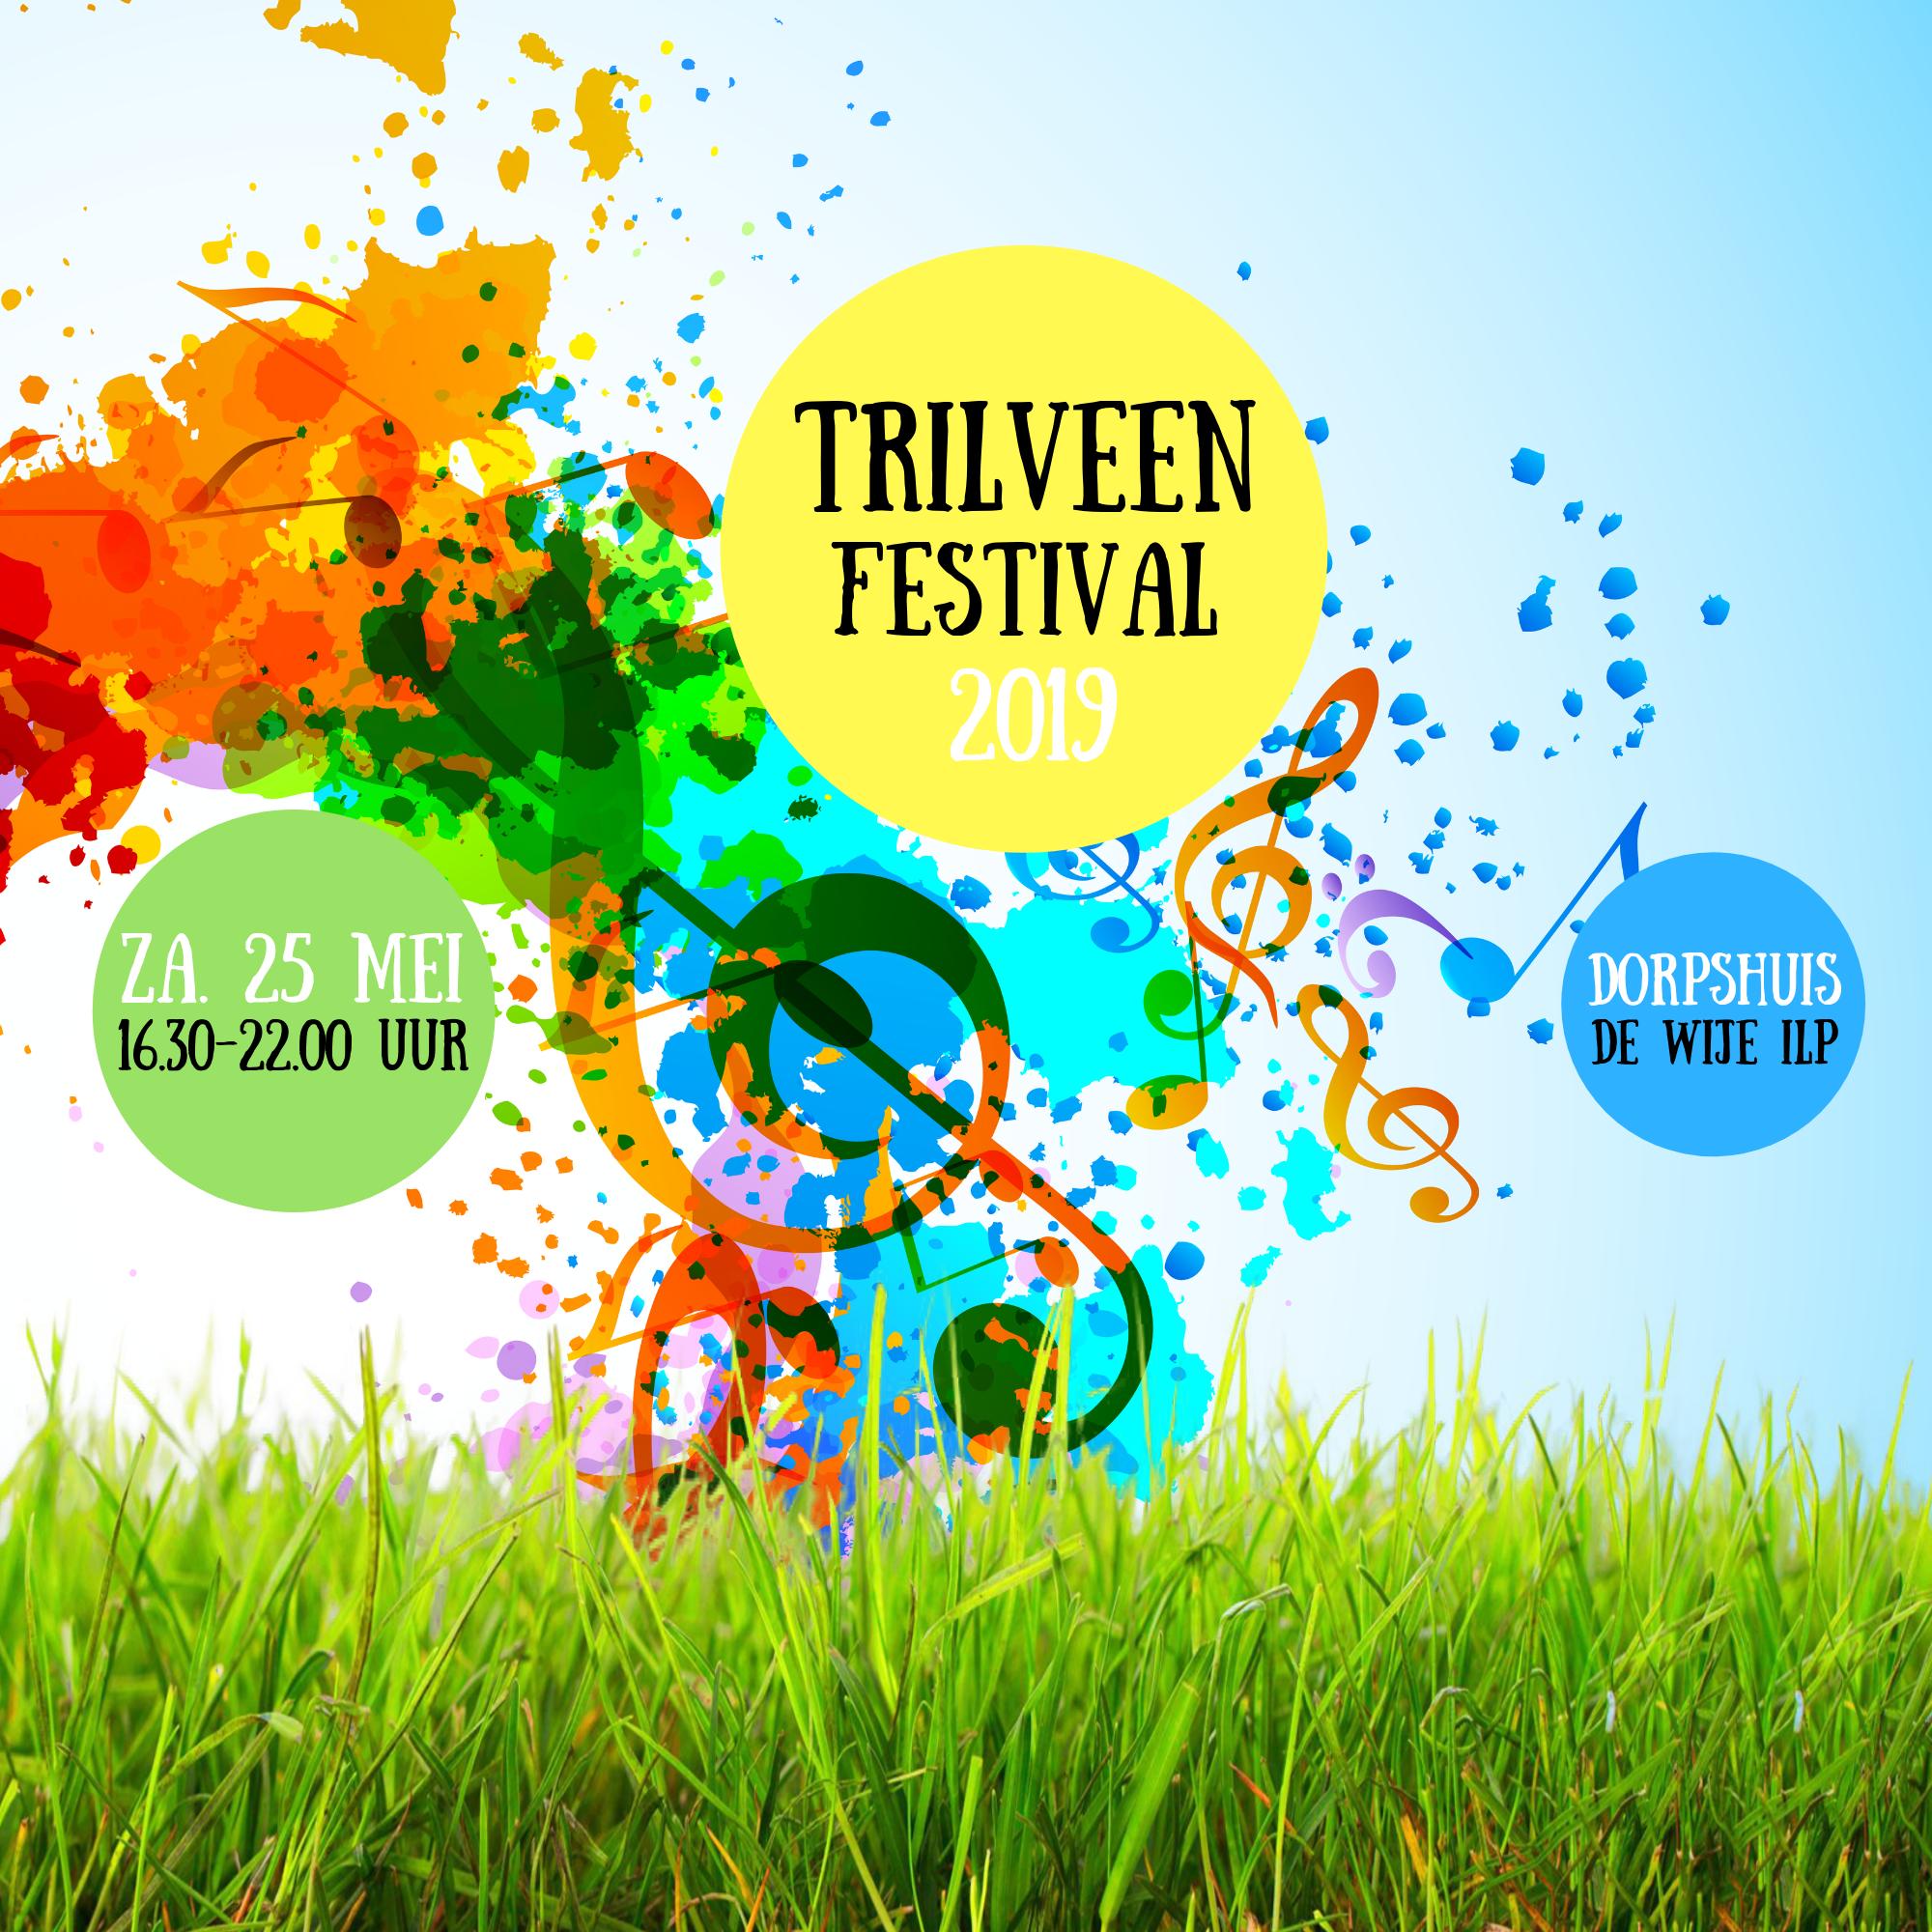 Trilveen Festival Den Ilp